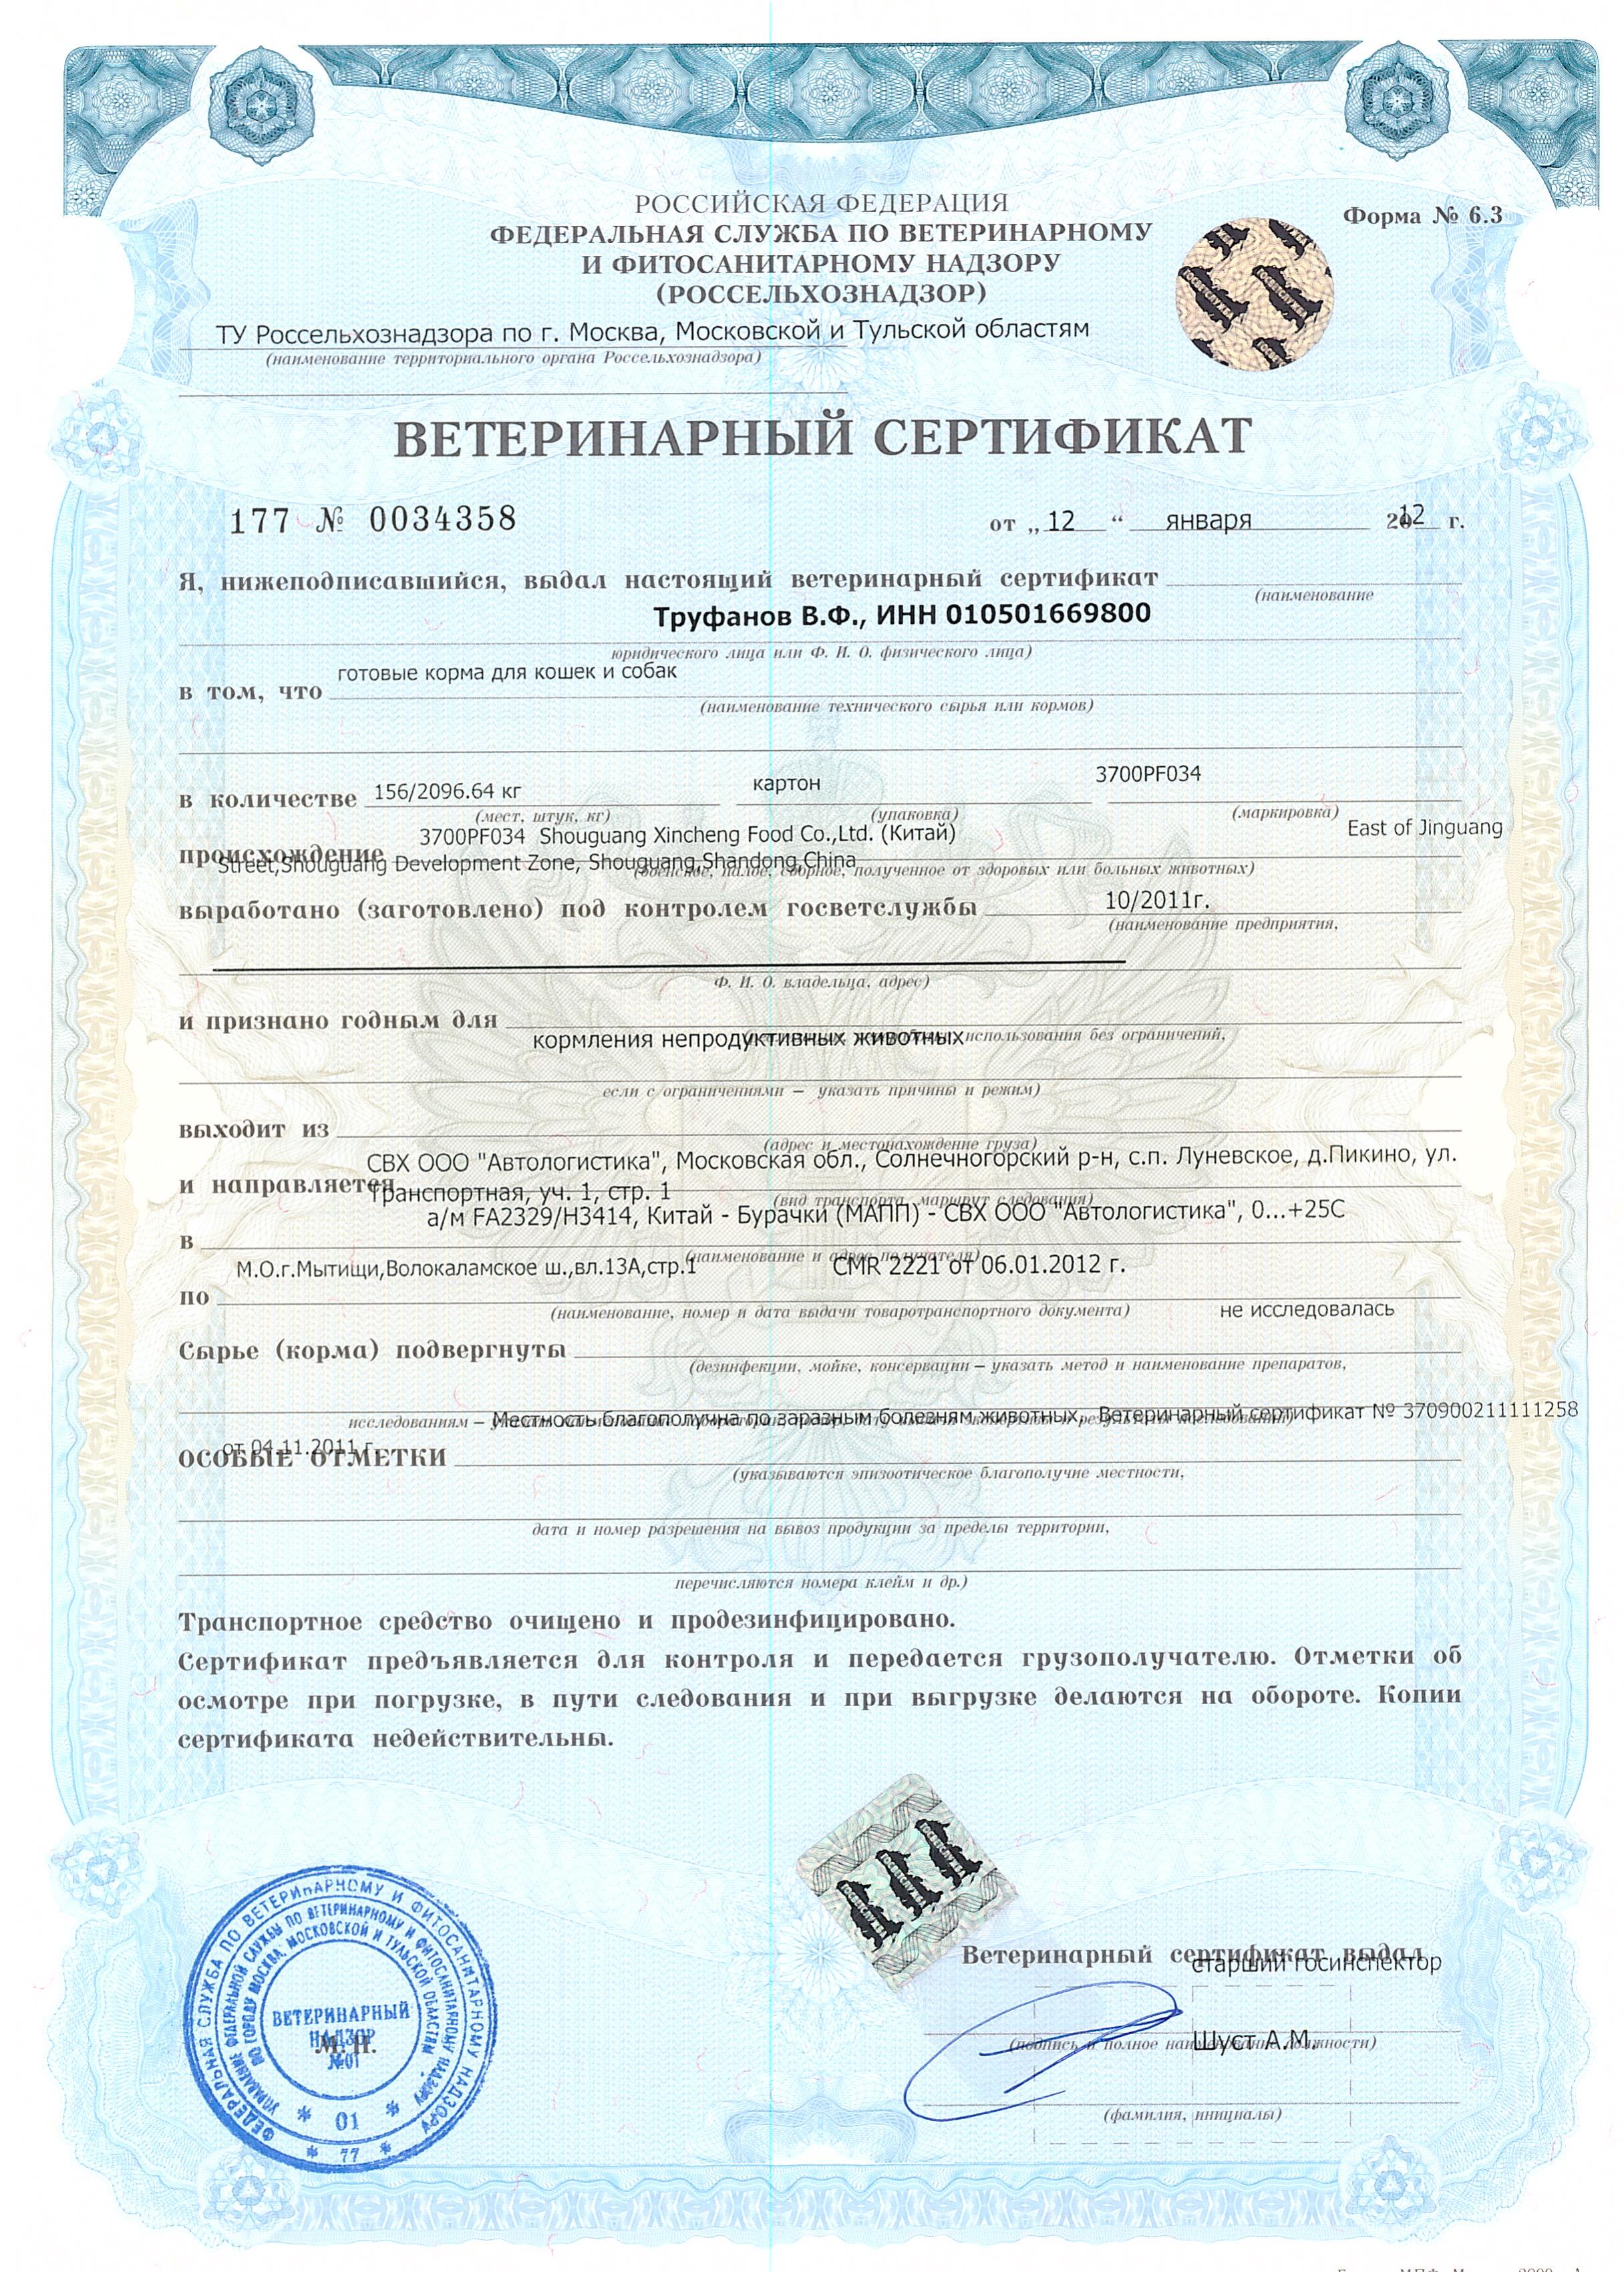 оформление ветеринарного сертификата ес в спб представляем вам